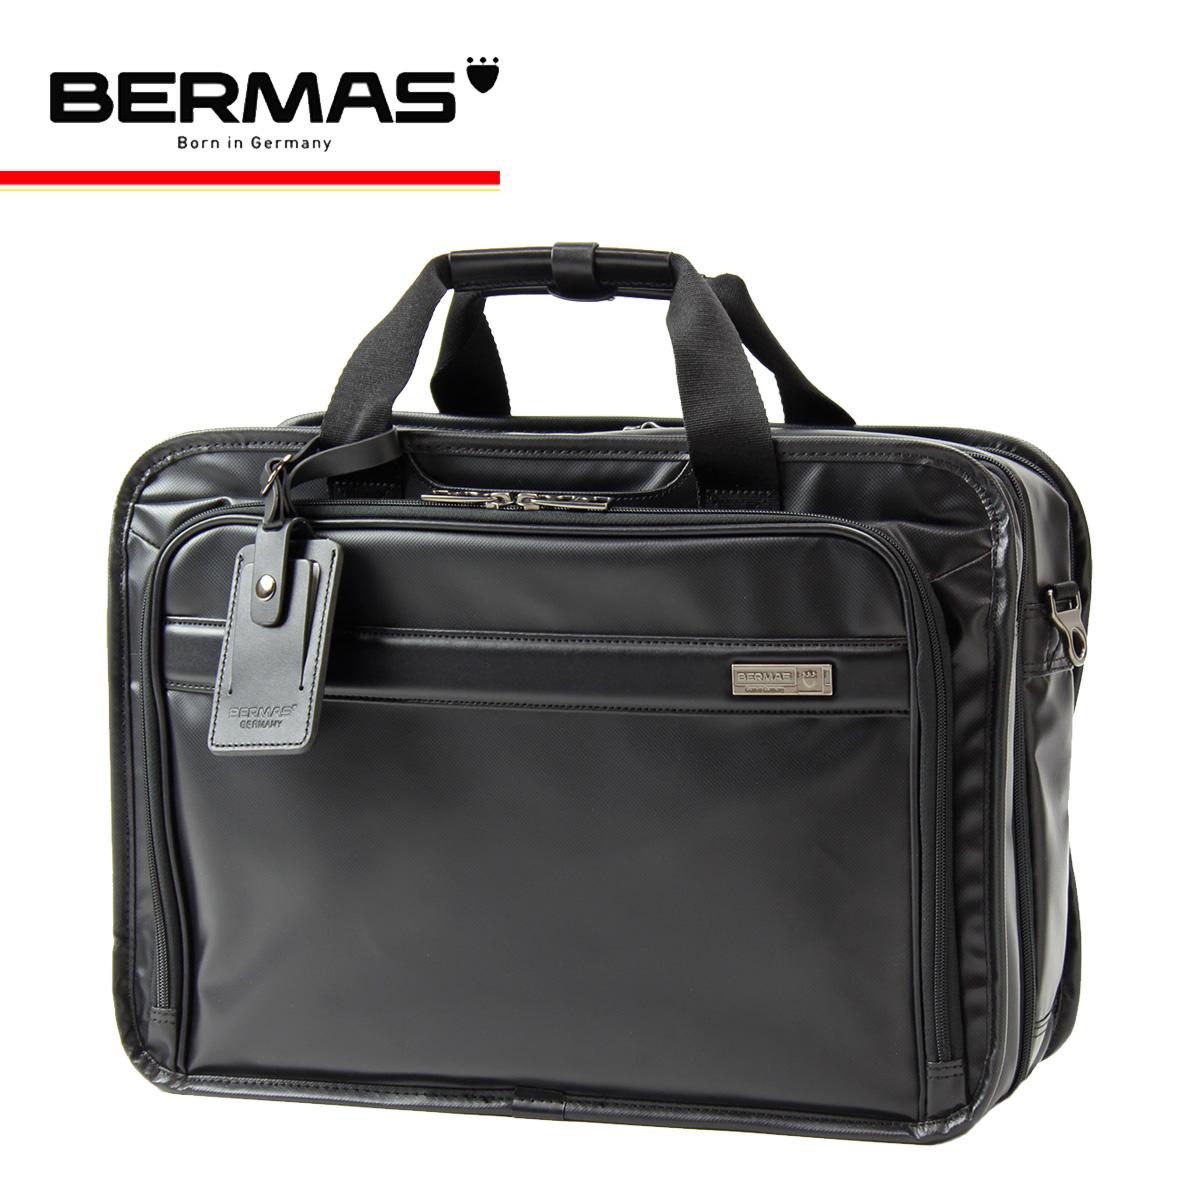 バーマス ブリーフケース 2WAY インターシティ メンズ 60461 BERMAS ビジネスバッグ 撥水 防汚 キャリーオン Lサイズ[PO10][bef]